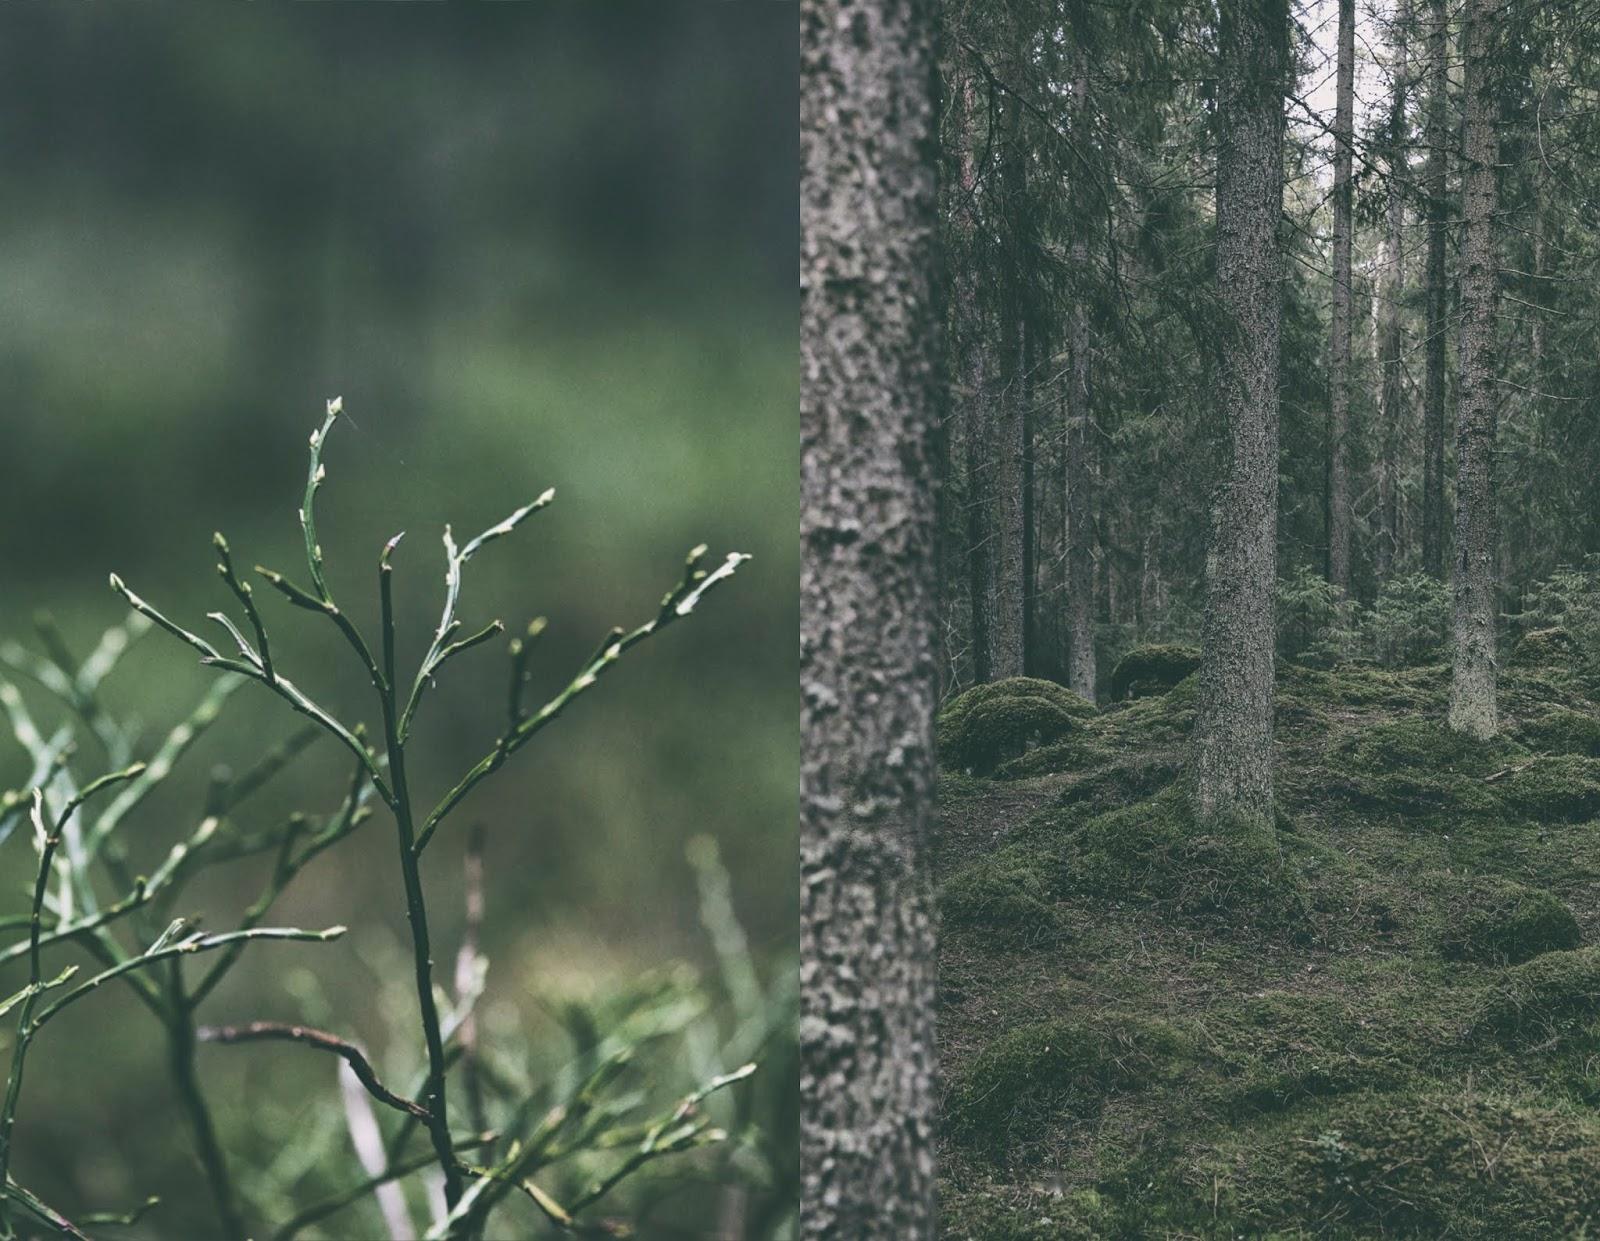 Hyvinkää, Terveysmetsä, luonto, luontopolku, nature, woods, metsä, metsäreitti, naturephotography, polku, valokuvaus, valokuvaaminen, Frida Steiner, Visualaddict, visualaddictfrida, luontovalokuvaus, this is Finland, Suomi, visit finland, mustikanvarpu